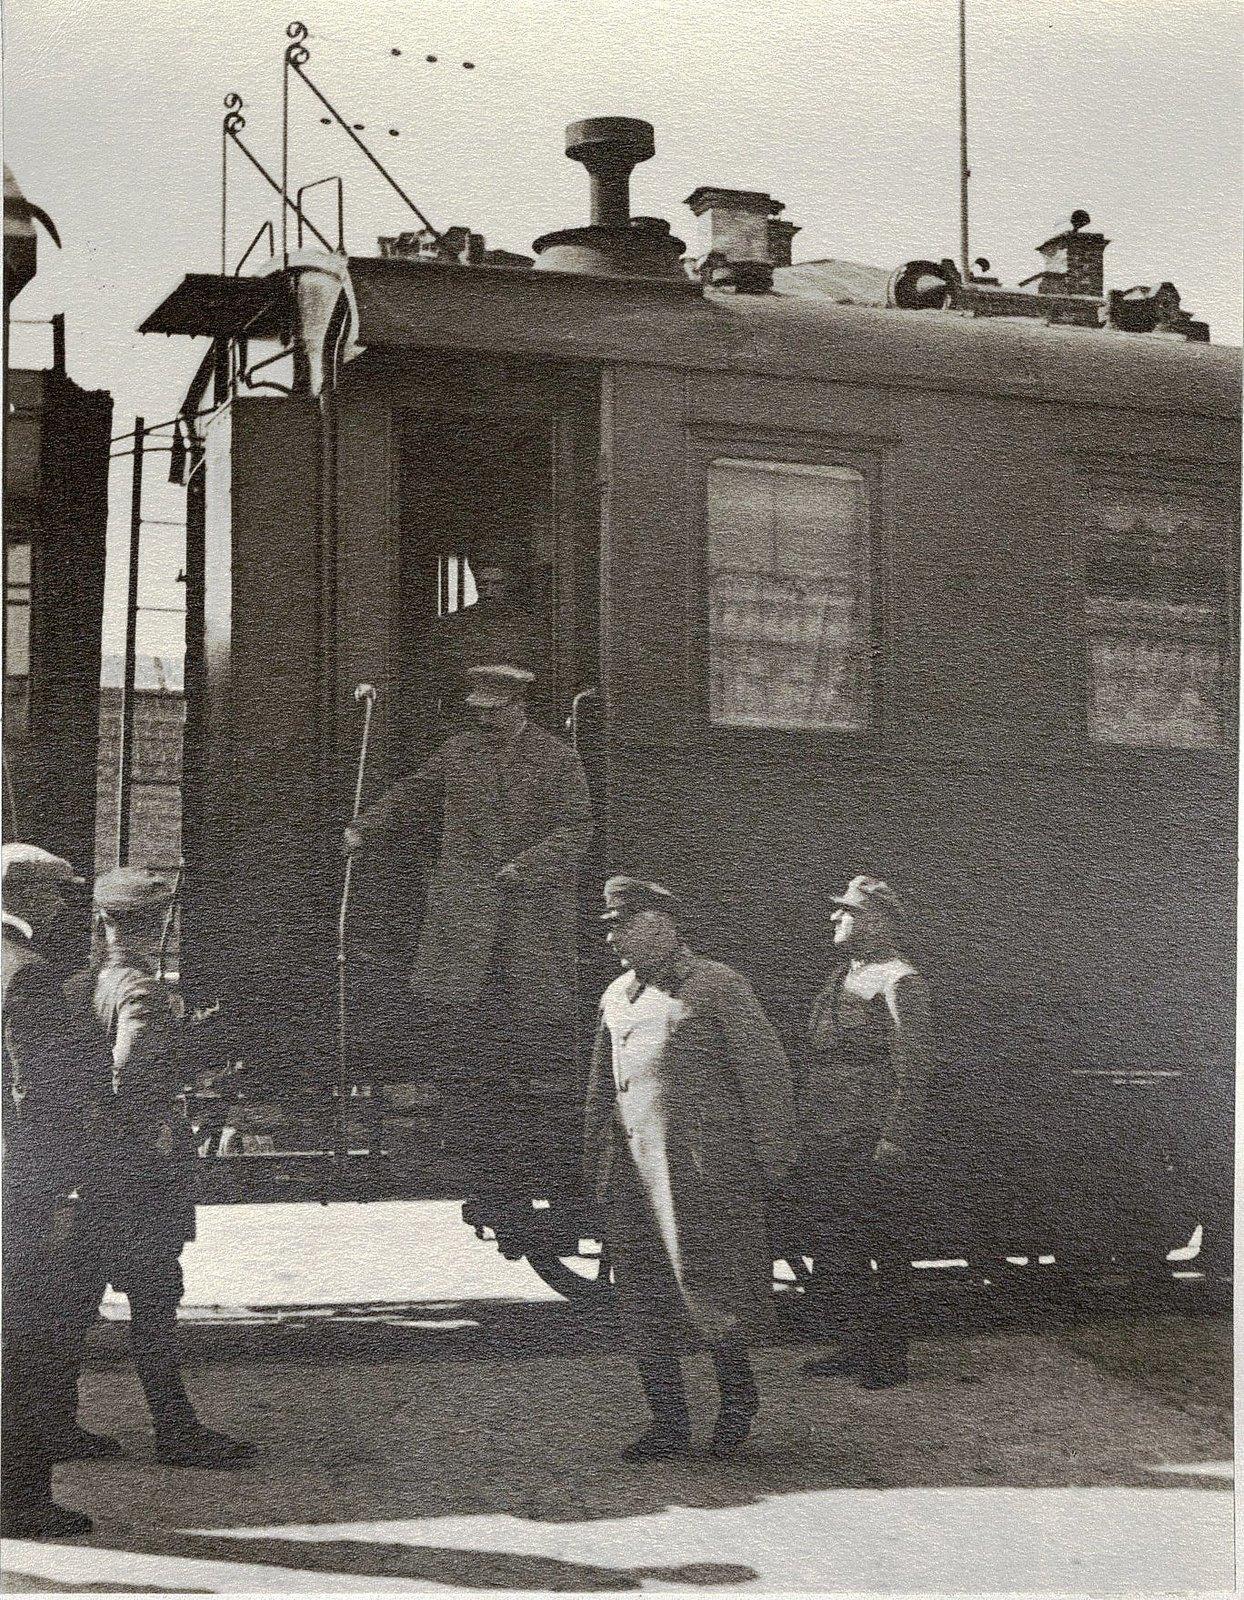 18 августа 1933 года у Сталина начался очередной отпуск, который он решил использовать и для ознакомительной поездки по стране. Из Москвы Сталин выехал поездом особой нормы в Нижний Новгород. Перед выездом на вокзале. Август 1933